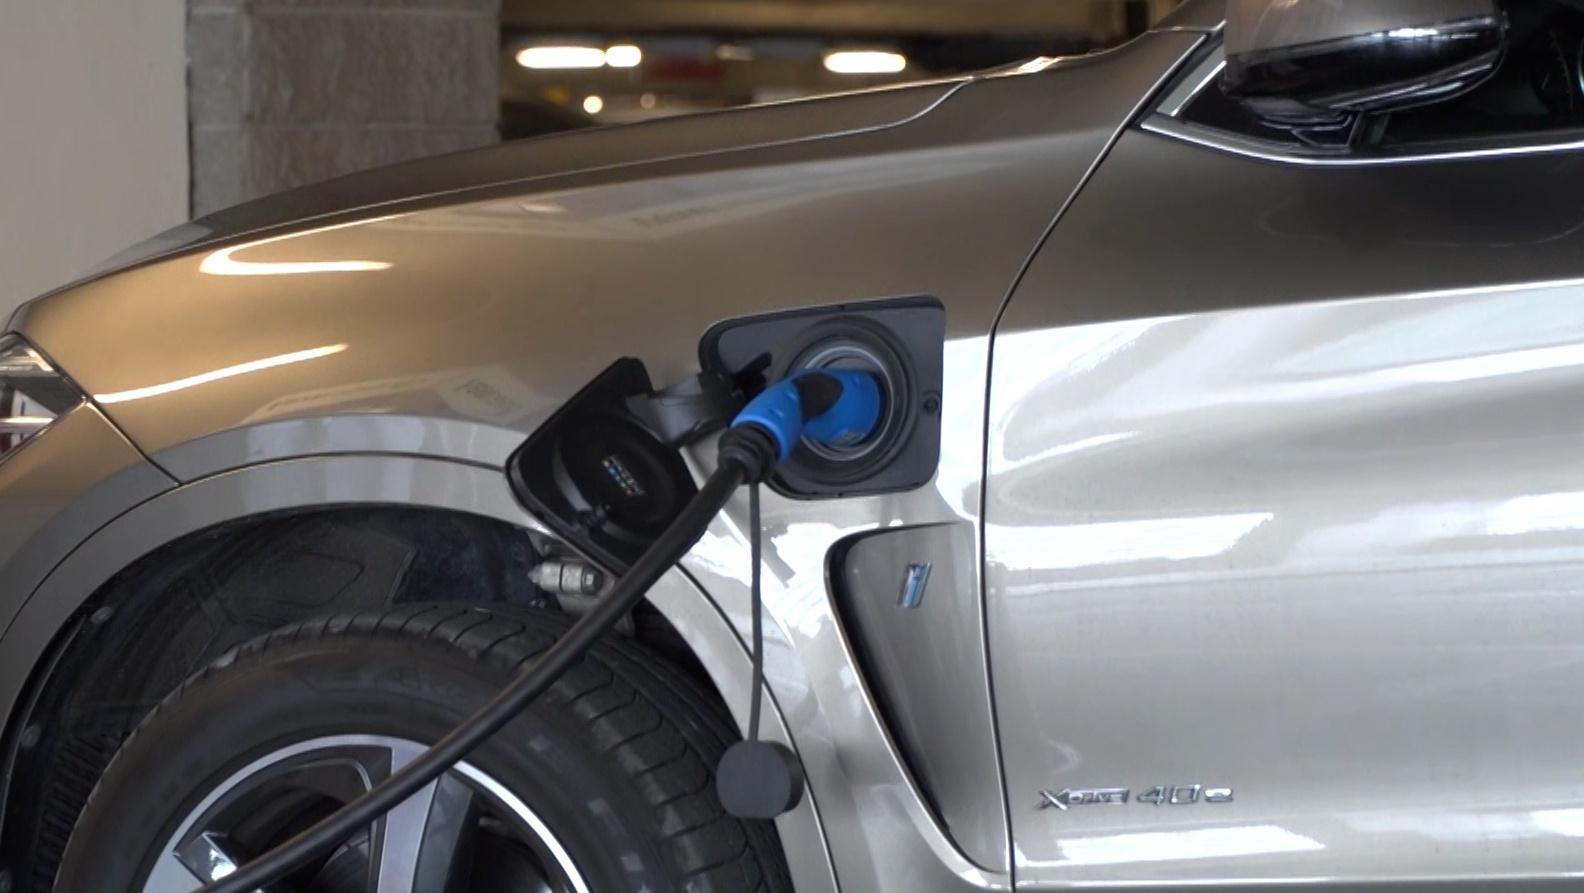 Superszybka ładowarka połączona z magazynem energii przyspieszy rozwój elektromobilności. Ma łączyć niskie stawki za kWh ze stosunkowo niewielkim kosztem inwestycji